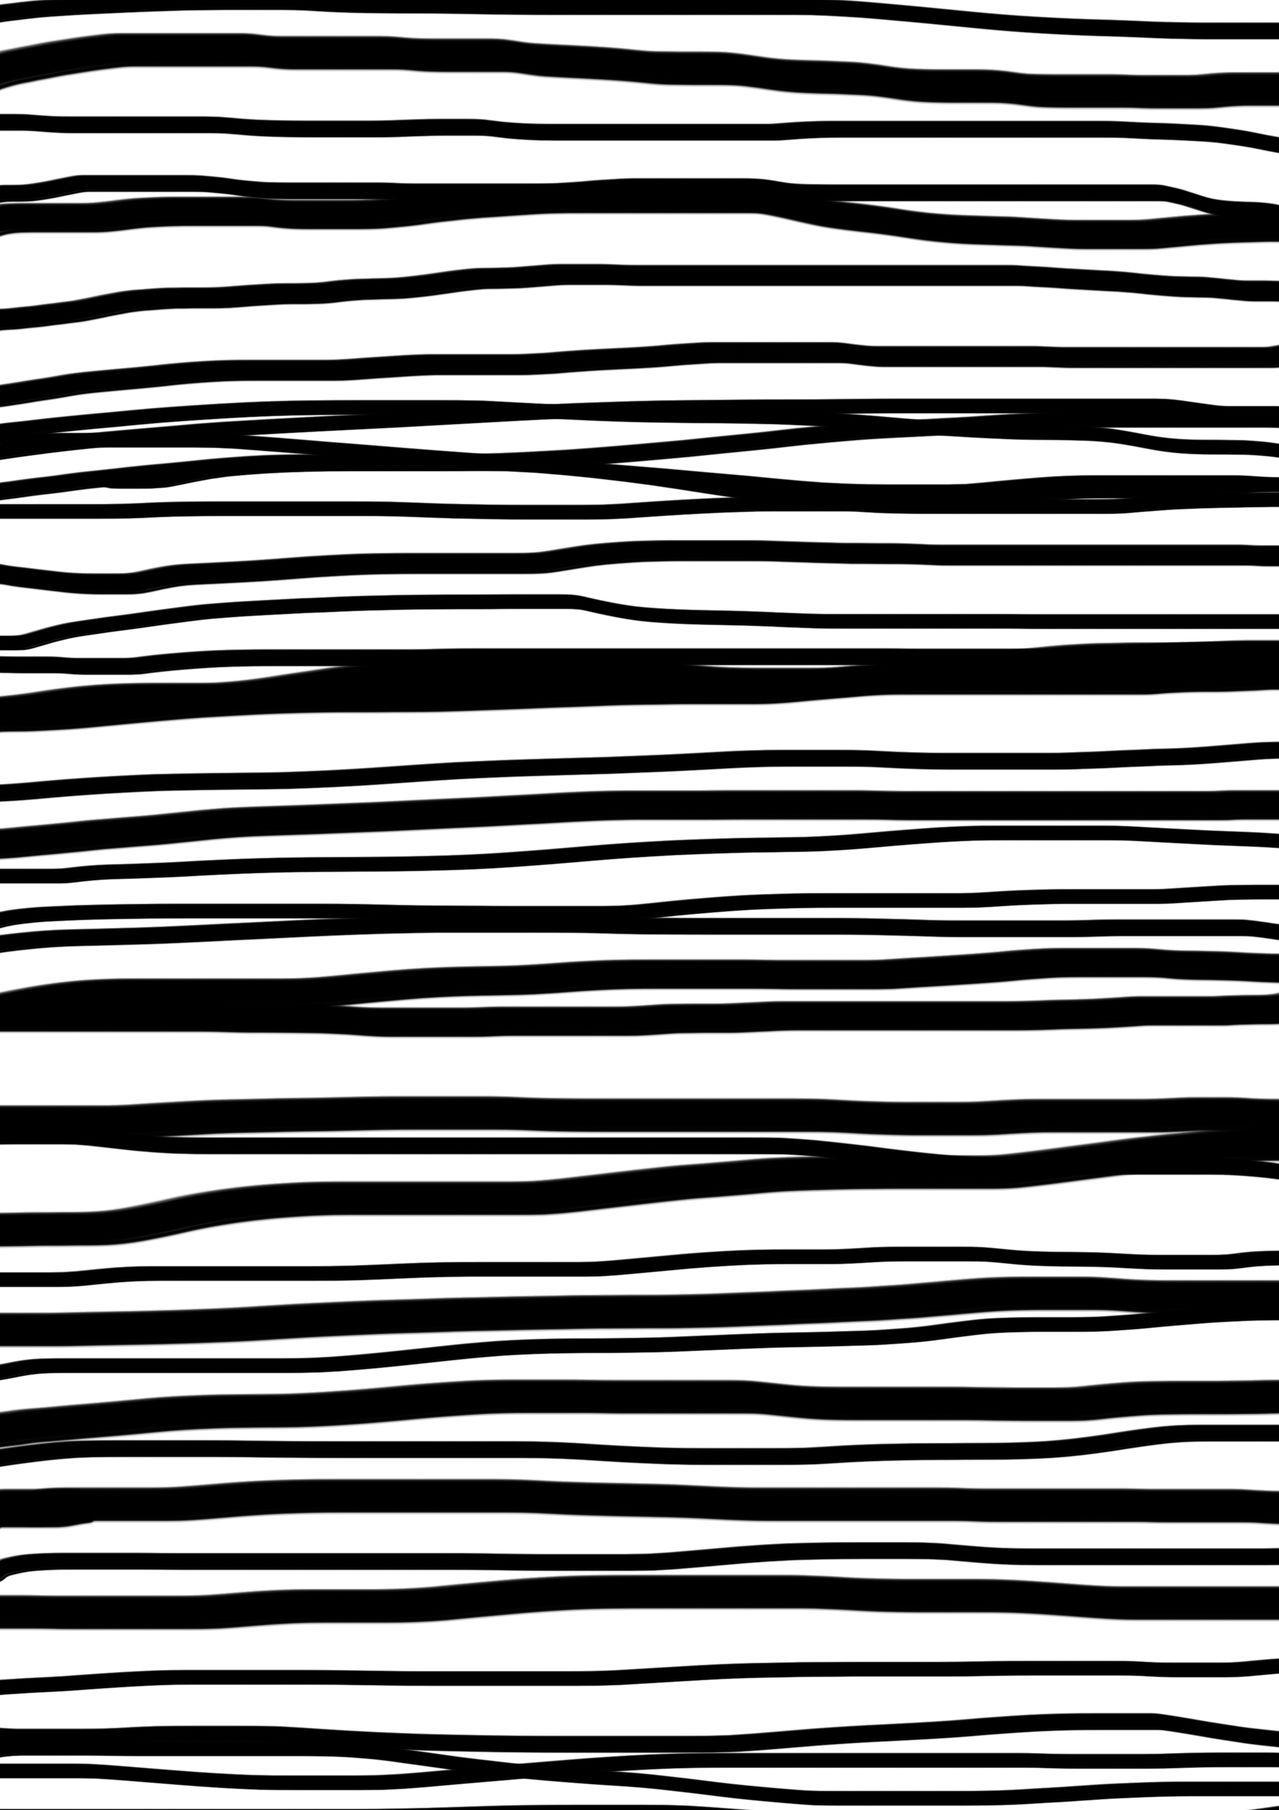 Stripes_by_Maiko_Nagao.jpg (1279×1810)